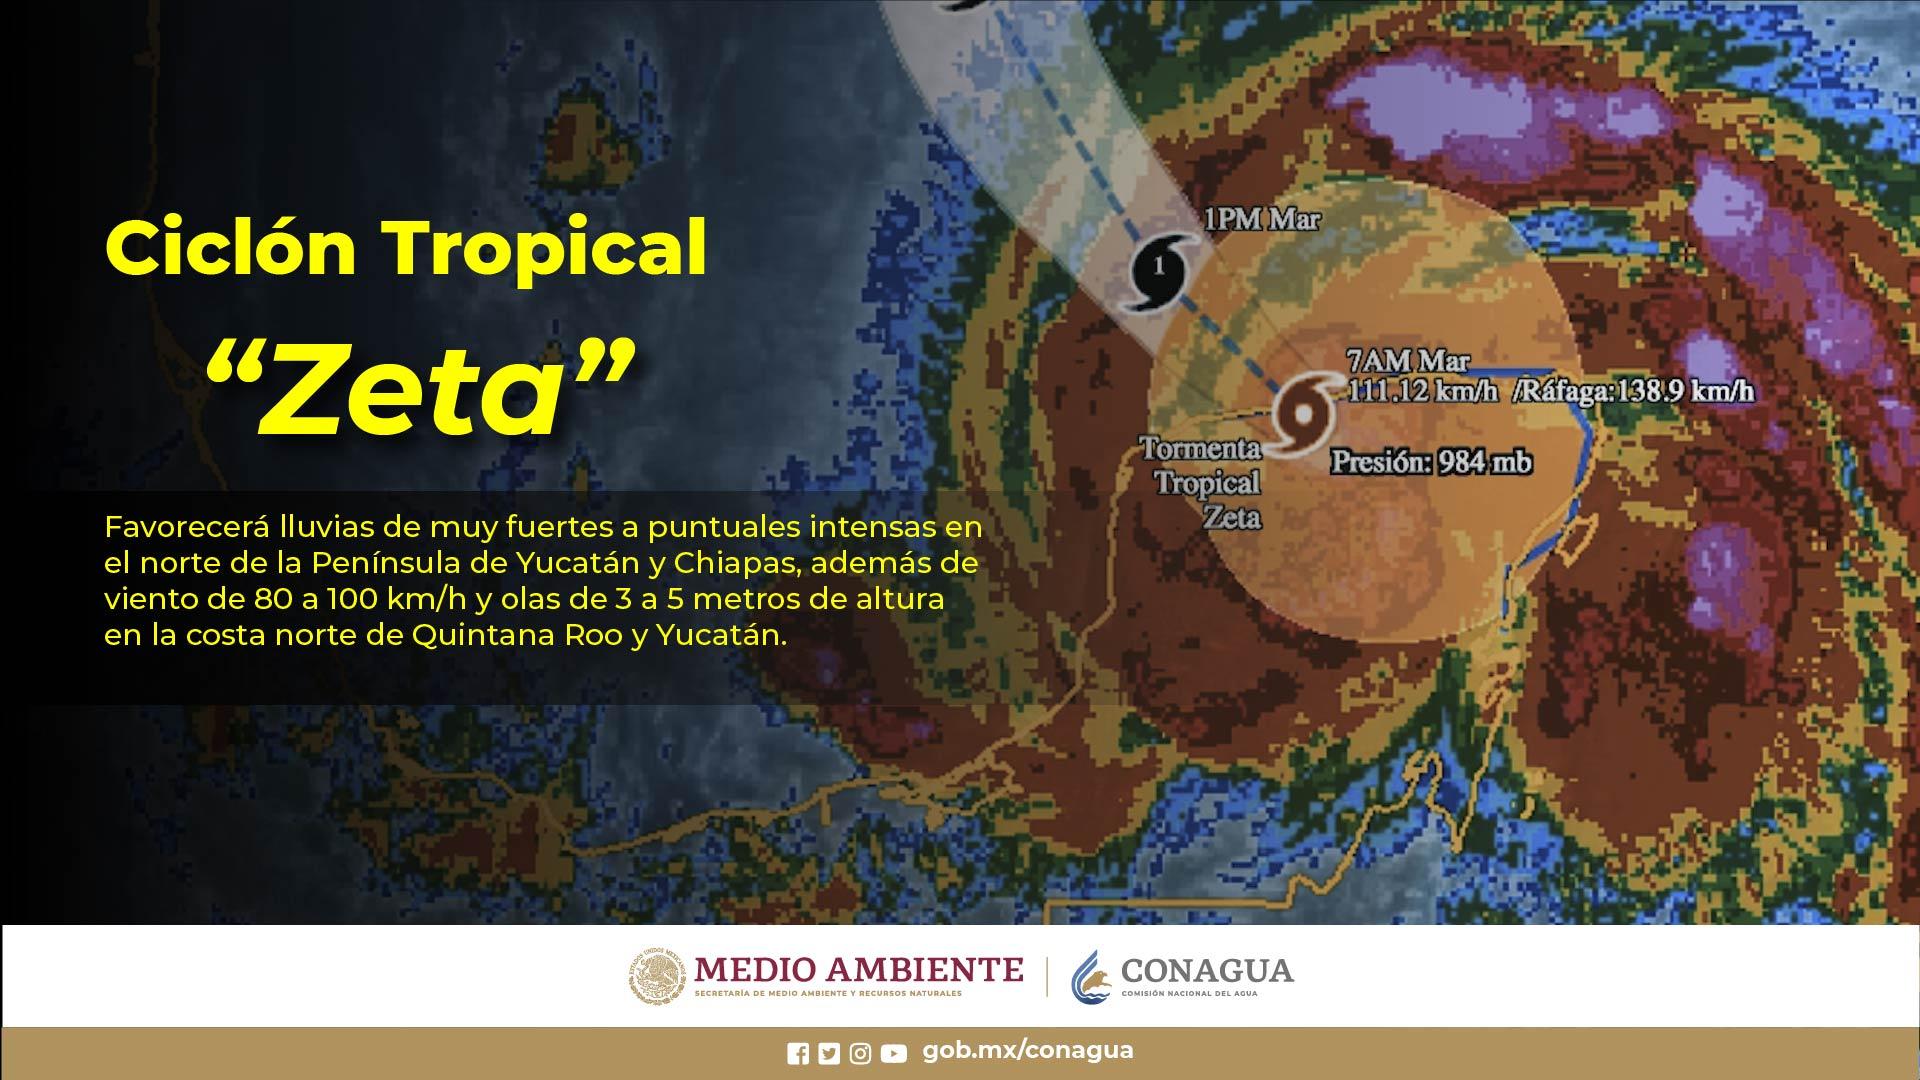 Zeta mantendrá las condiciones para lluvias intensas en Yucatán y muy fuertes en Campeche, Chiapas y Quintana Roo